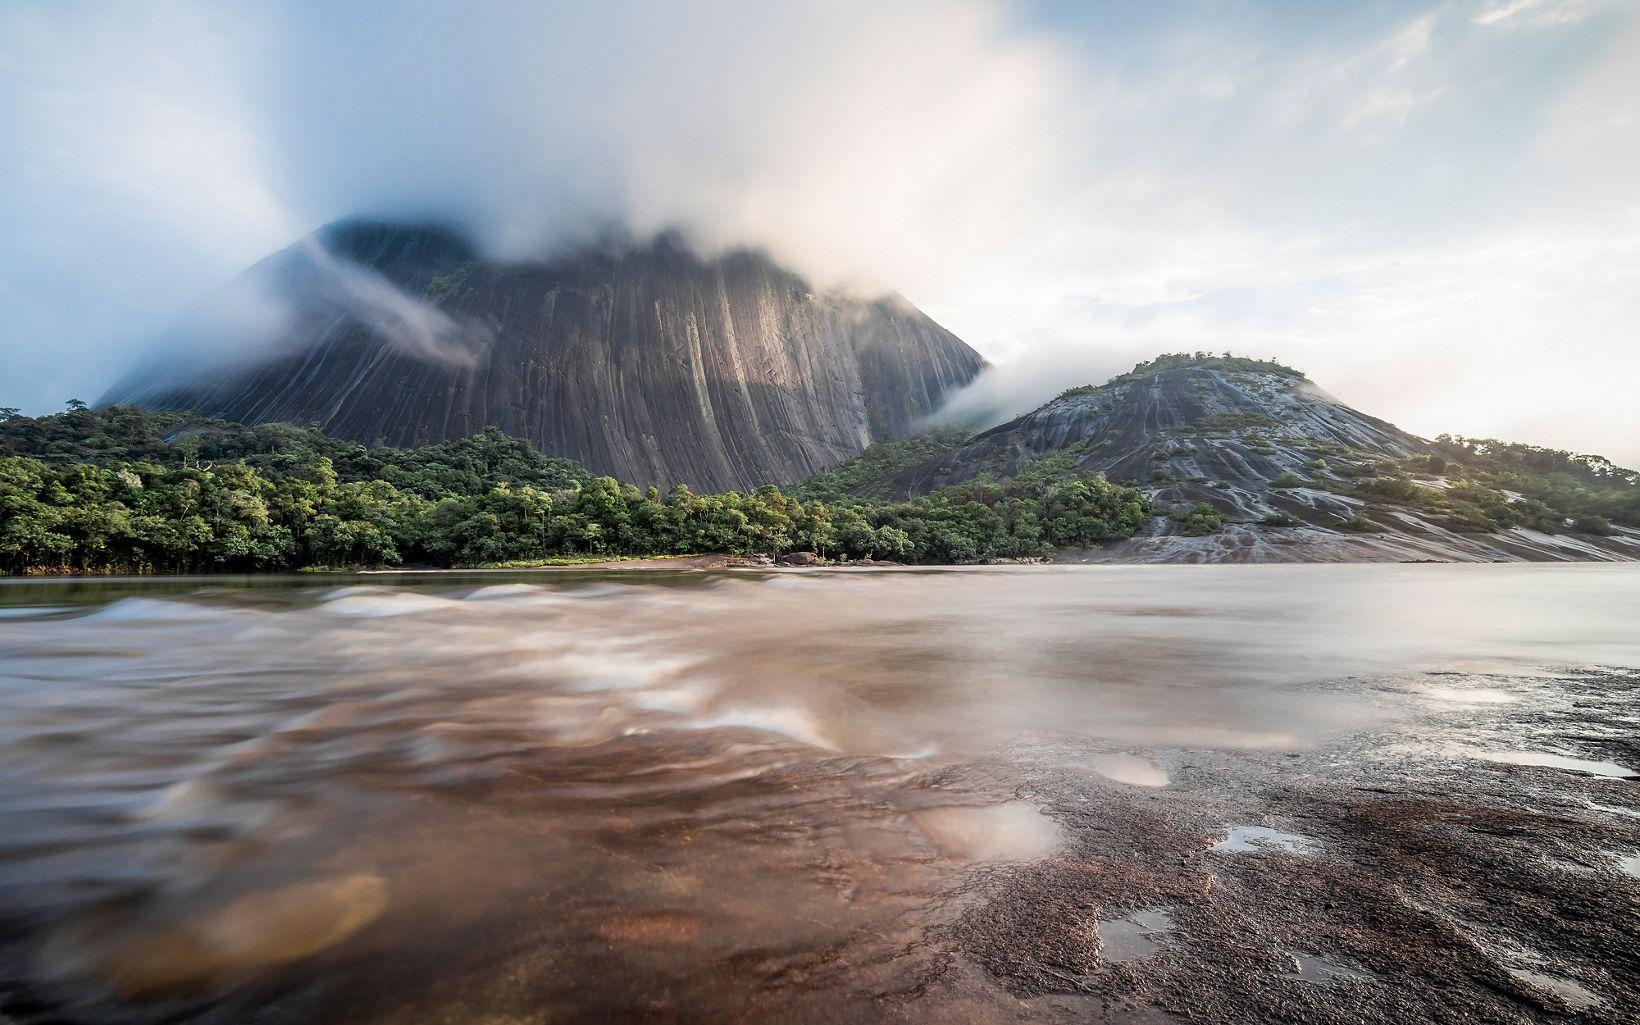 Realice esta fotografía la mañana del 18 de abril del 2019, mientras la neblina empezaba a elevarse cubriendo la punta del cerro ''Pajarito.''